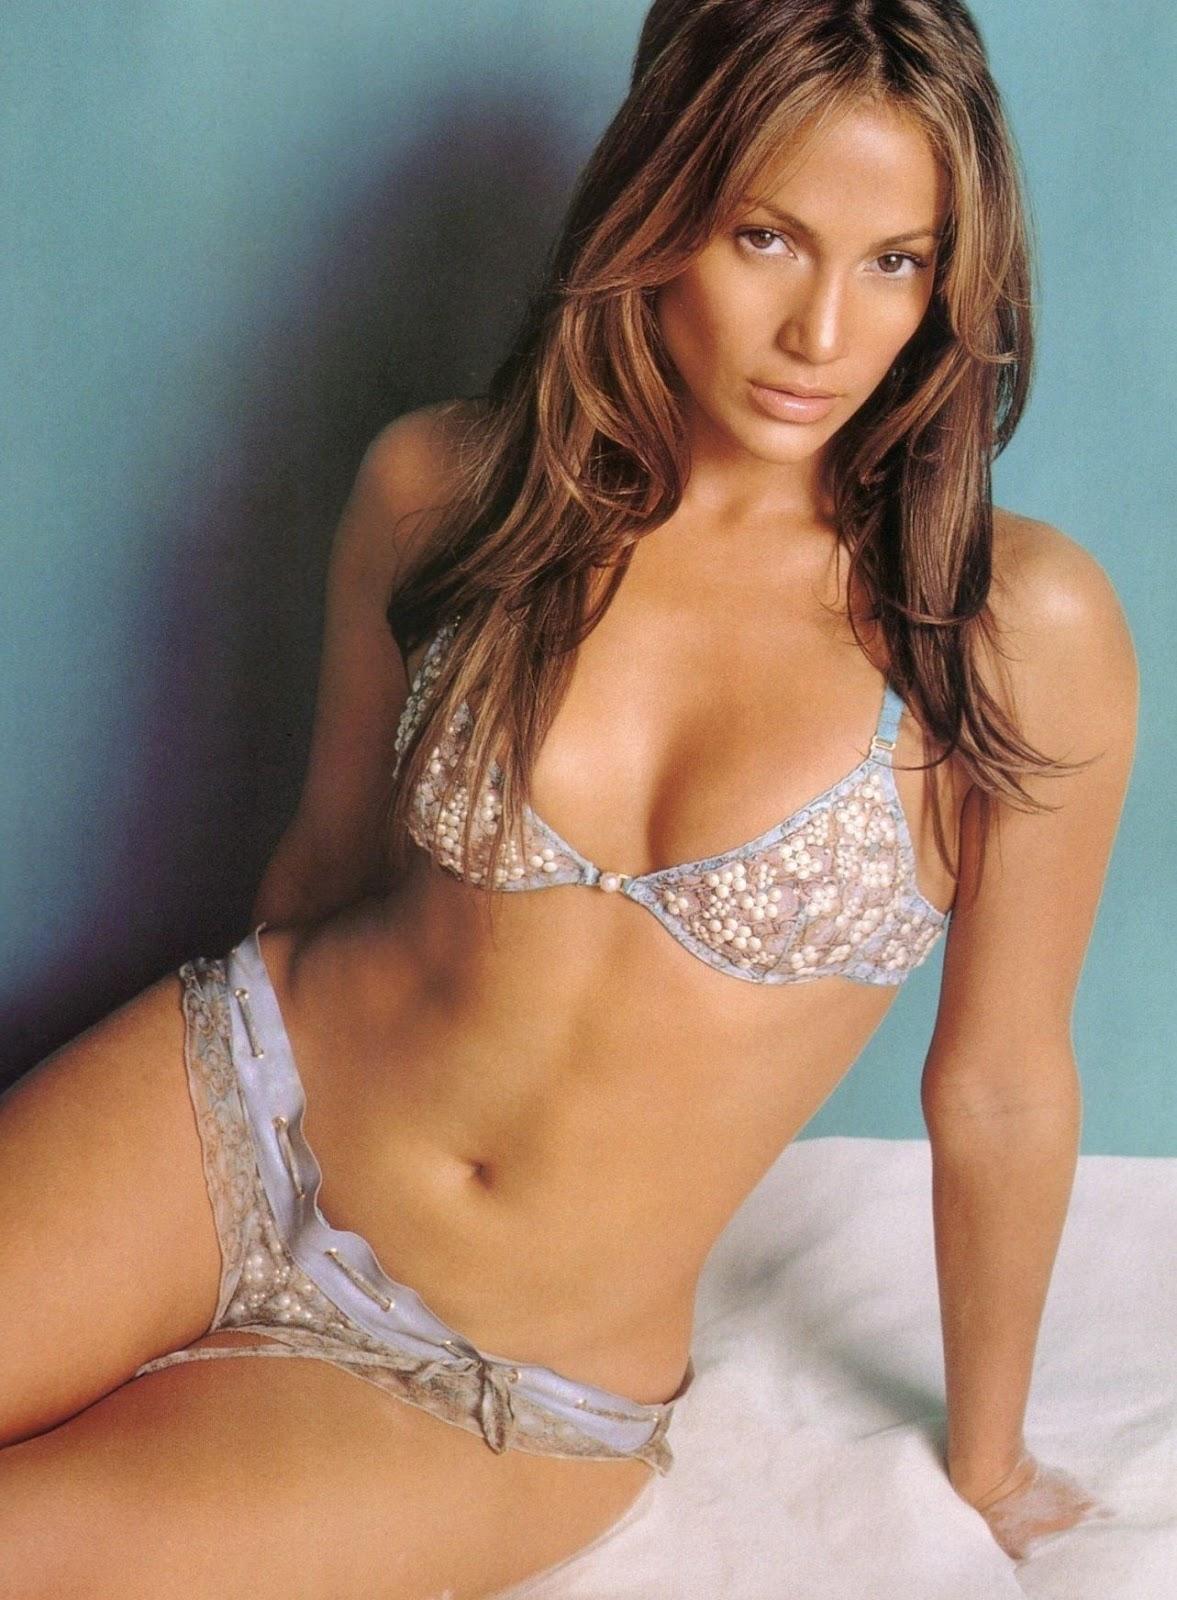 (79 pics) Gallery Jennifer Lopez JLO in Bikini - Mix - #Mature #Bikini #JLO #JenniferLopez ...